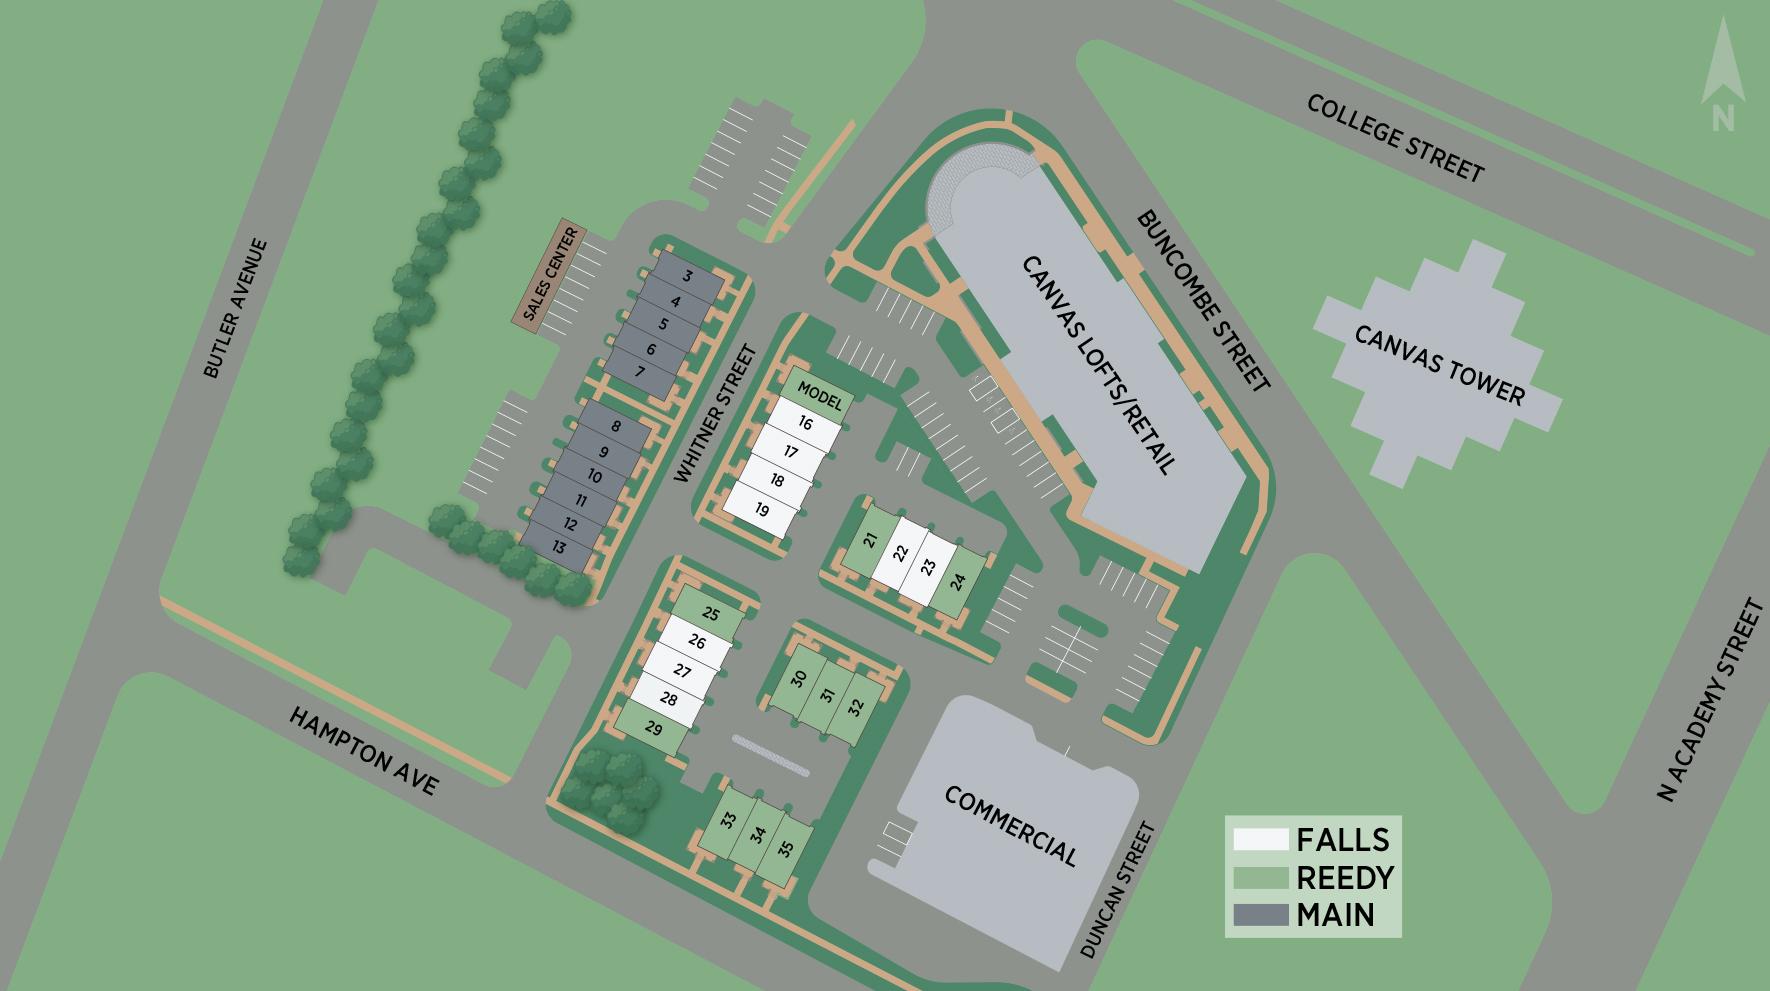 Canvas Townes Site Plan